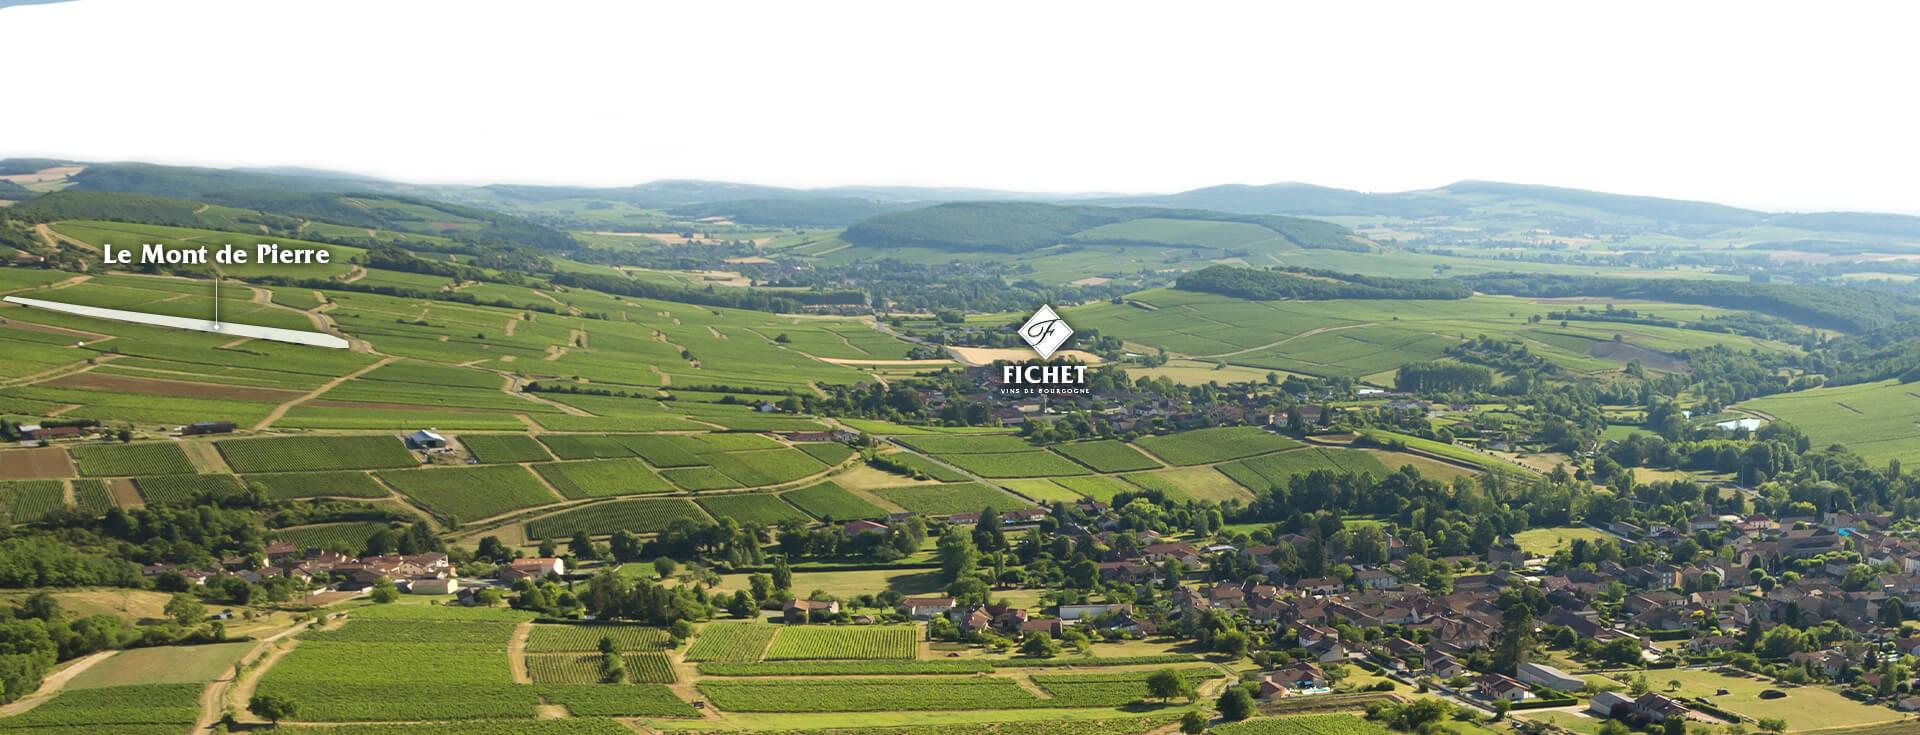 Parcelle Le Mont De Pierre du Domaine FICHET